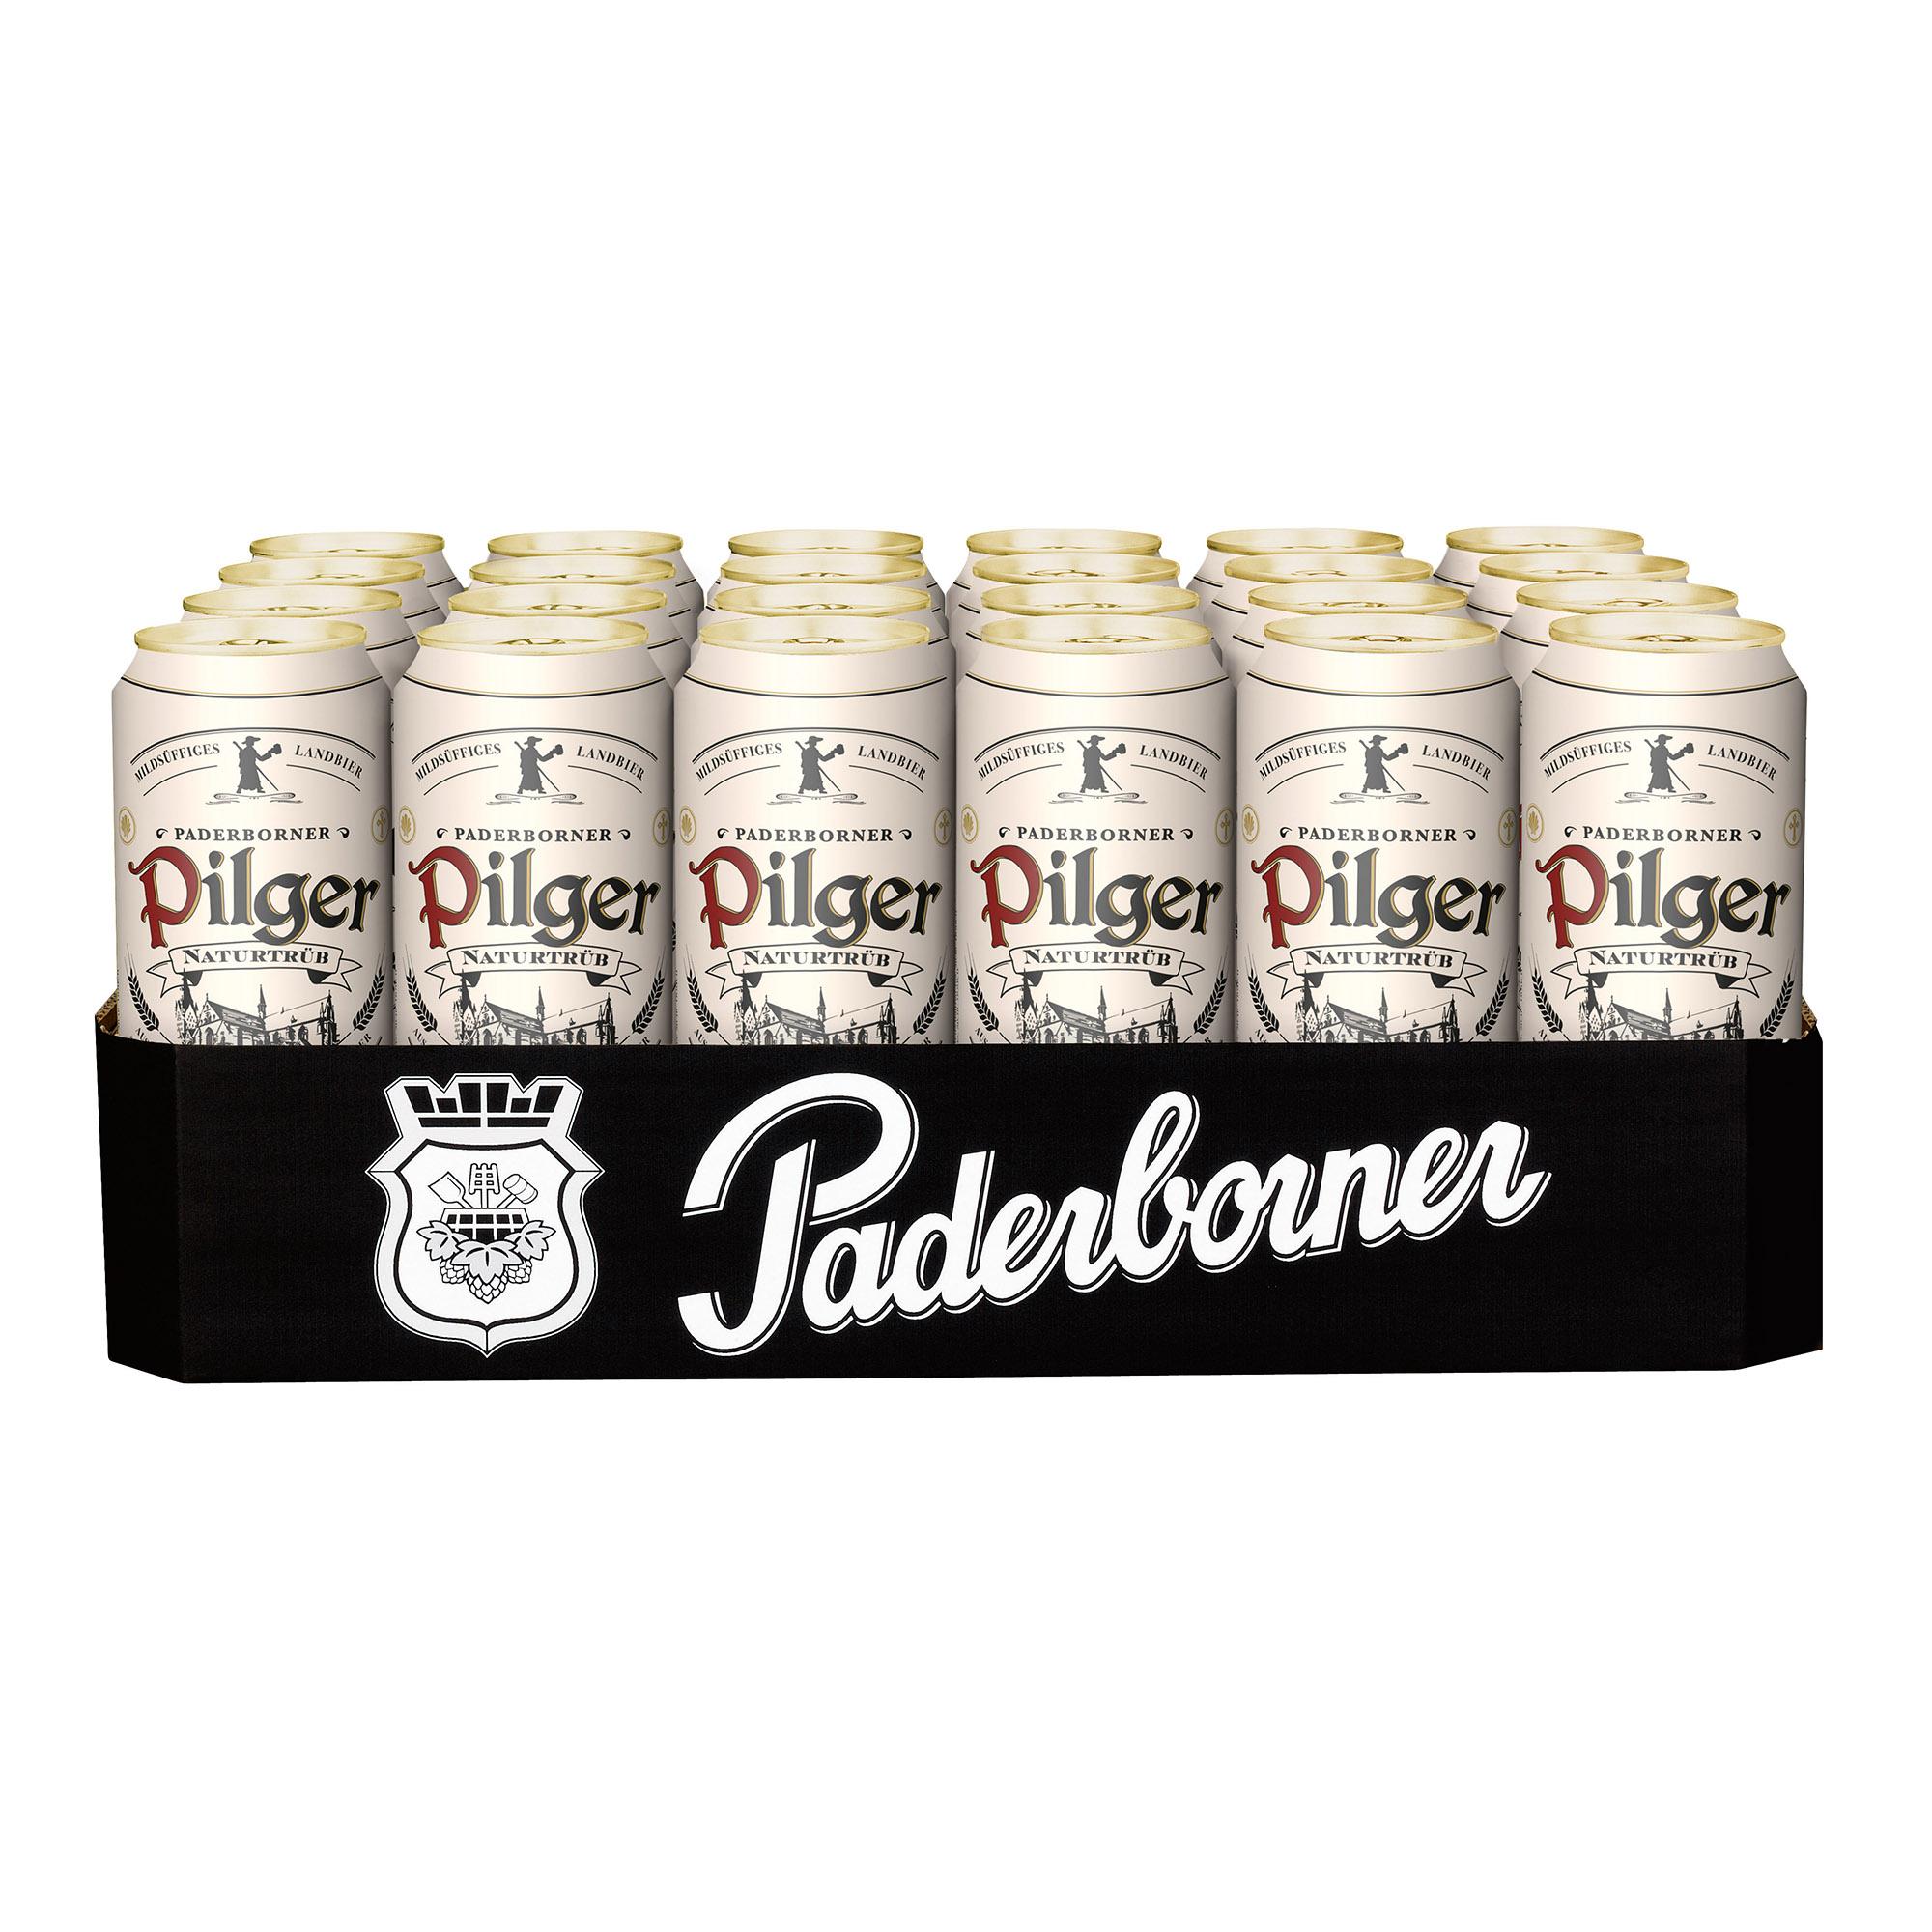 Produktabbildung Paderborner Pilger Landbier Dosentray 24 x 0,5 l